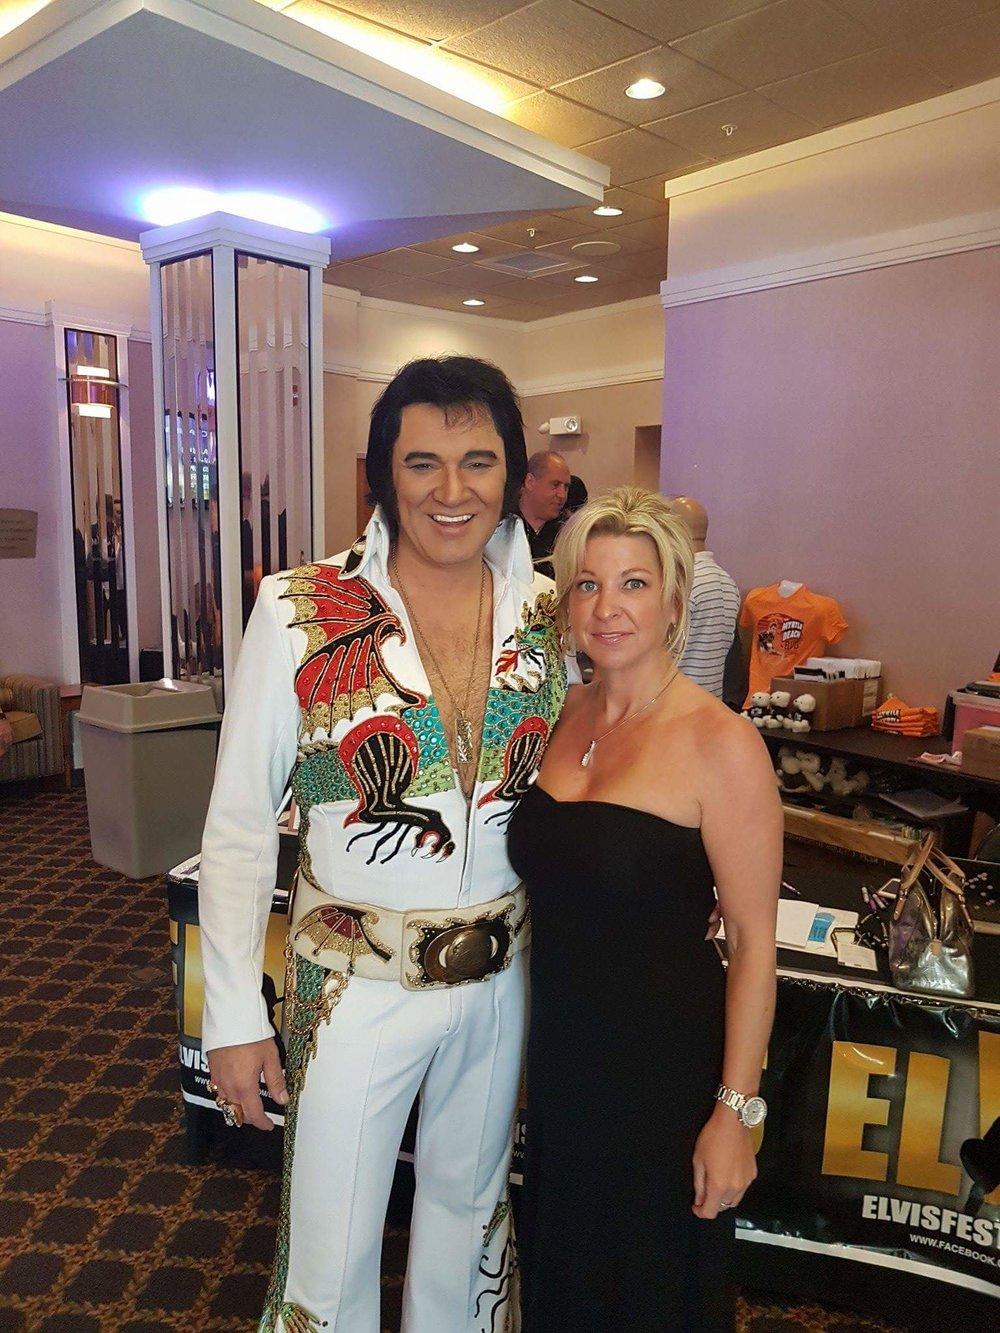 Tim and girlfriend, Brandy, at Myrtle Beach.